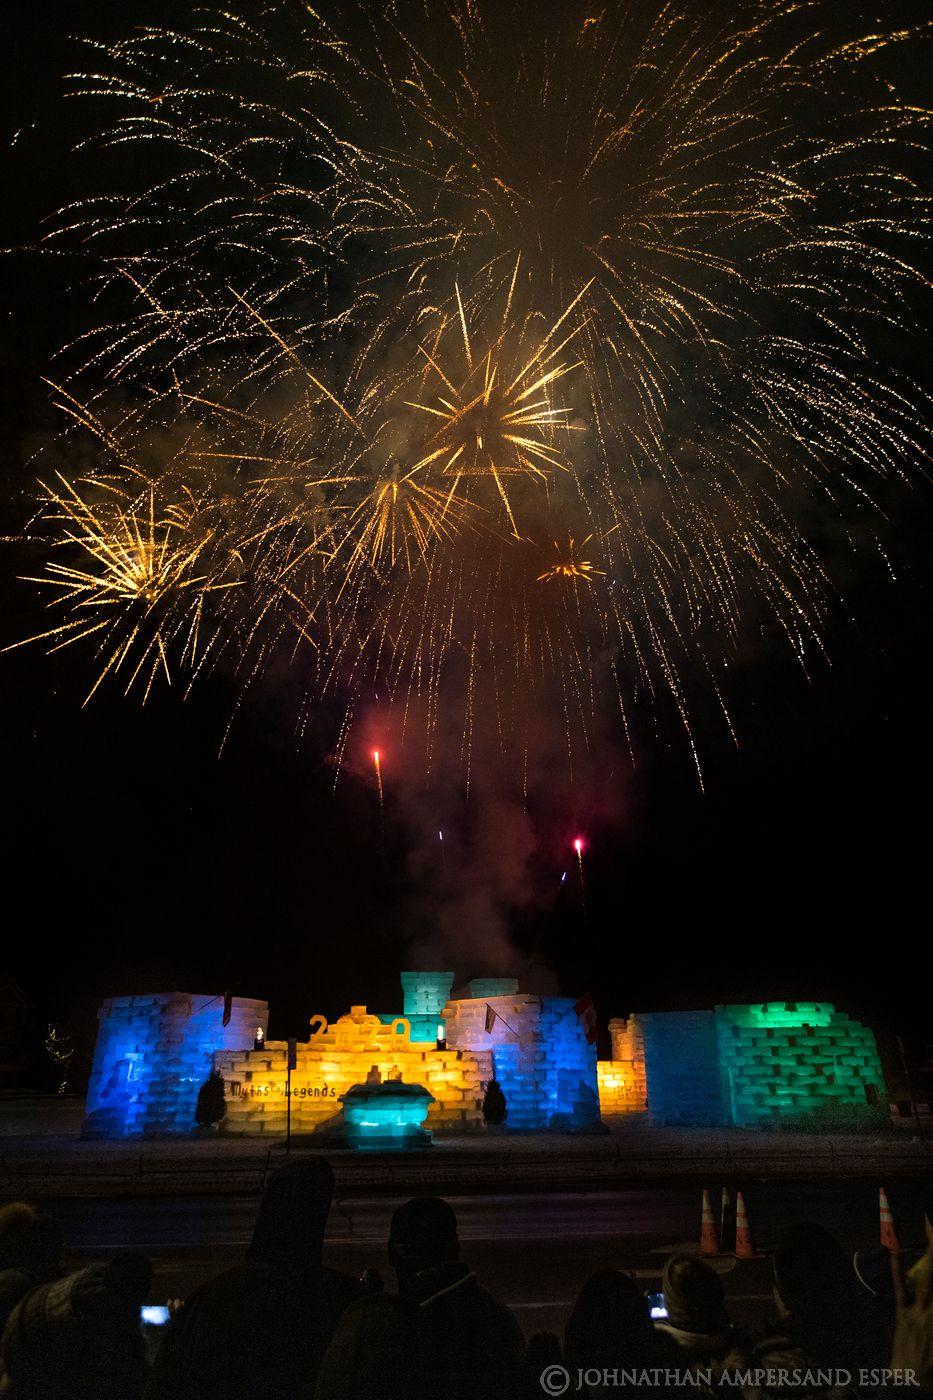 Saranac Lake winter carnival,Saranac Lake,Saranac Lake ice palace,ice palace,fireworks,ice palace fireworks,Saranac Lake winter...